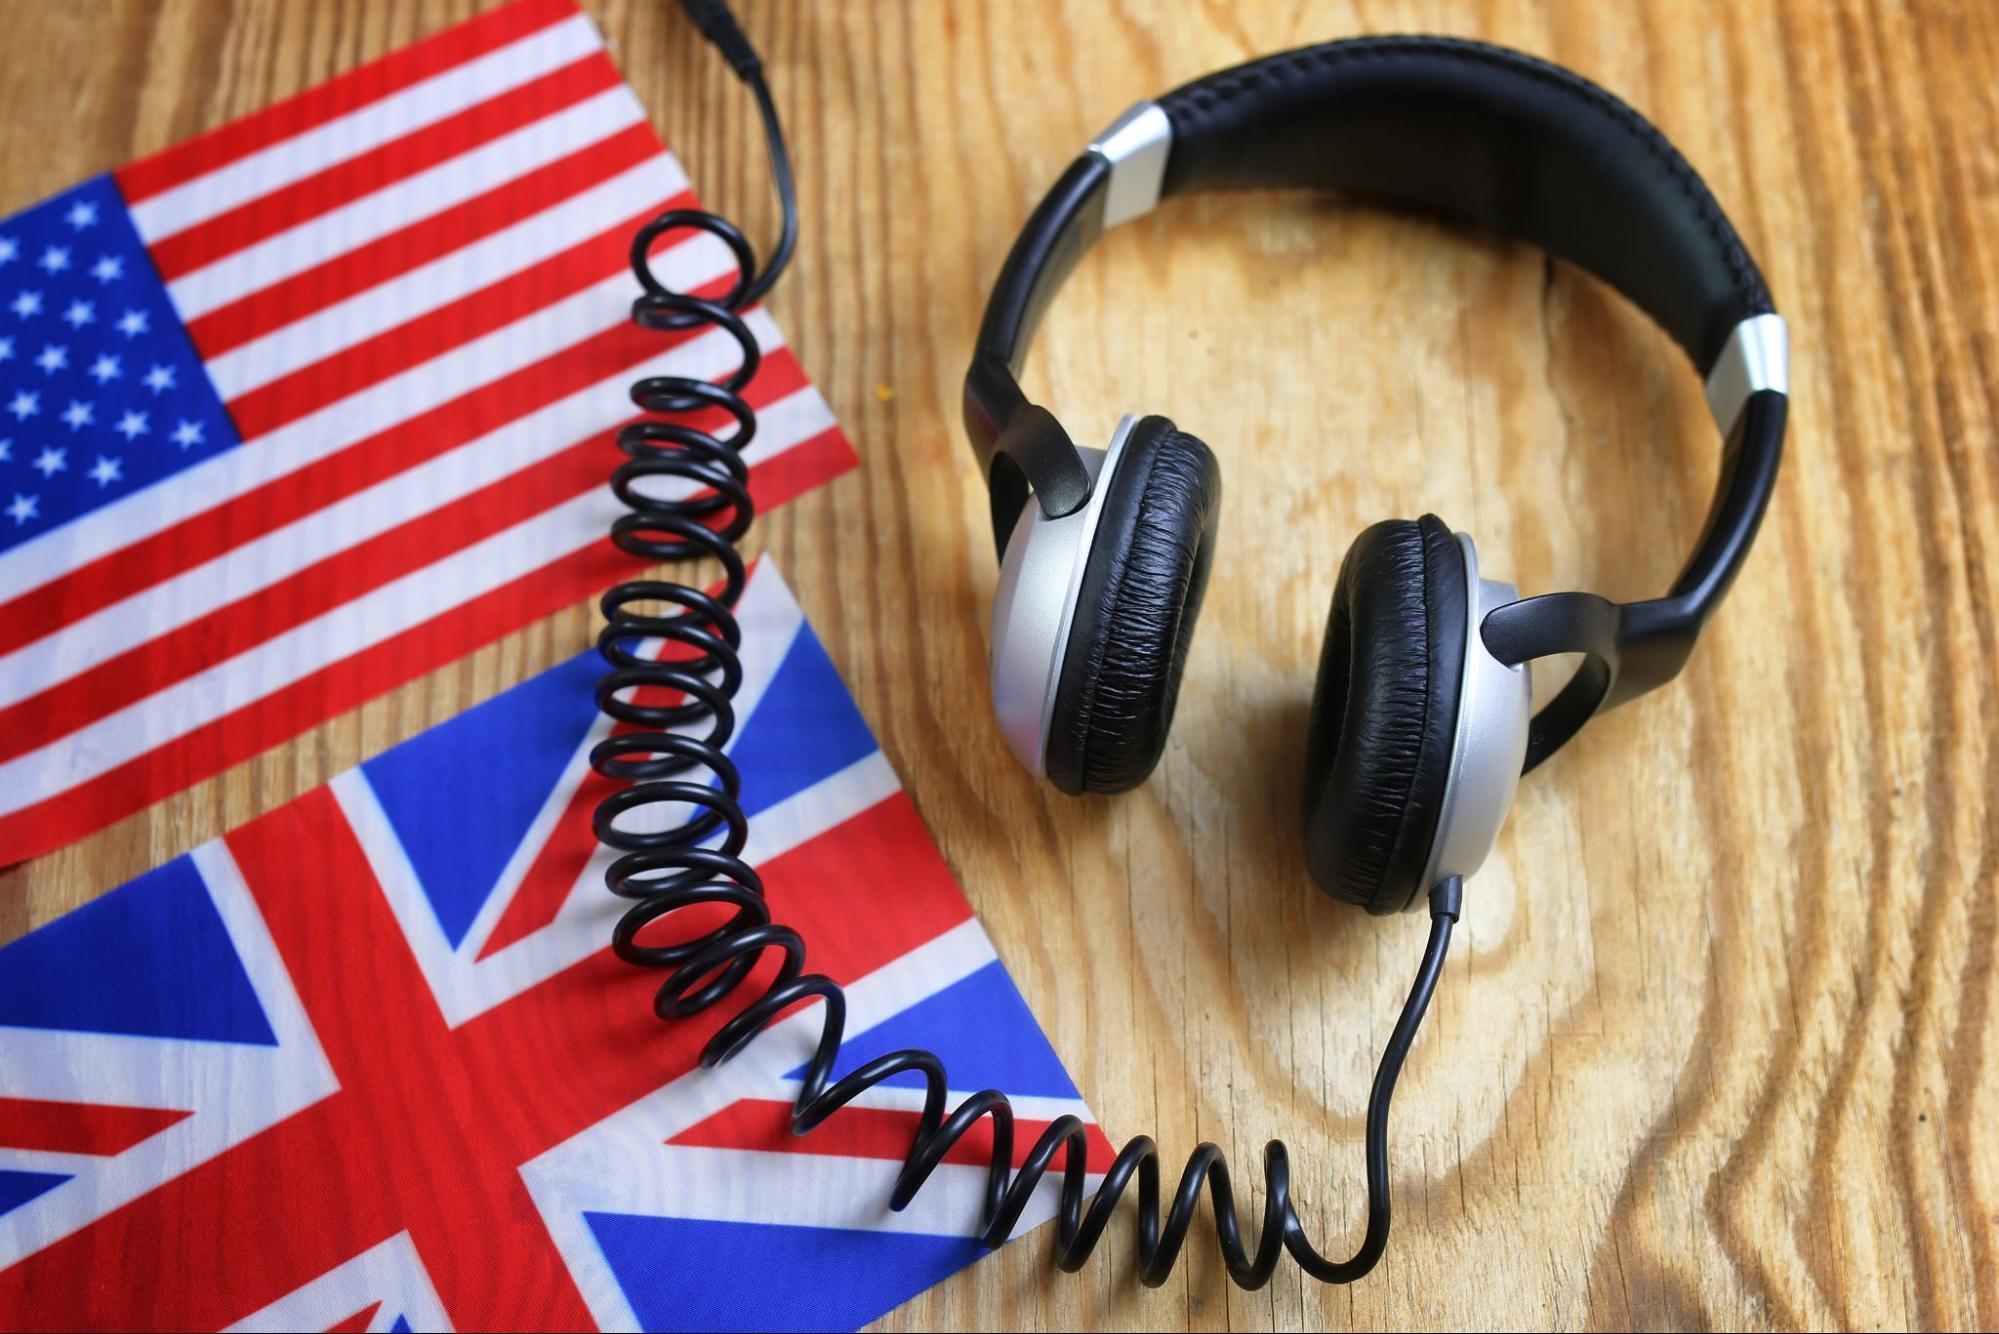 【企業向け】アメリカ英語とイギリス英語の違いは?翻訳時の注意点も